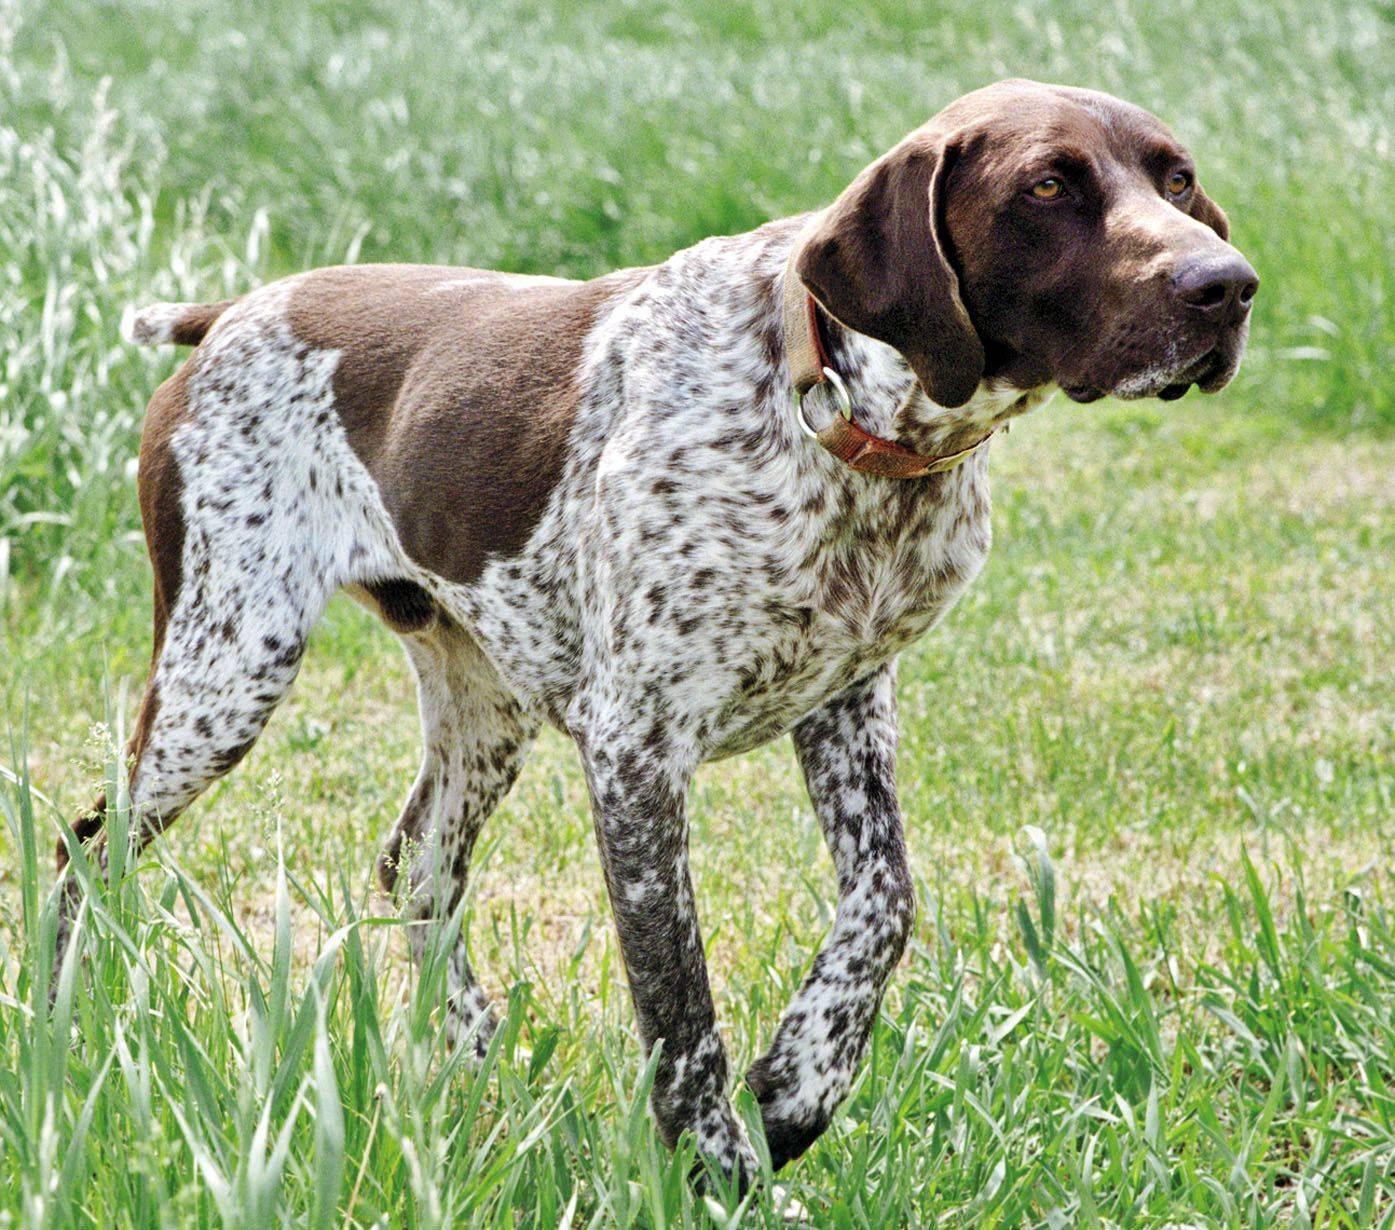 Породы охотничьих собак с фотографиями и названиями * маленькие и большие псы для охоты